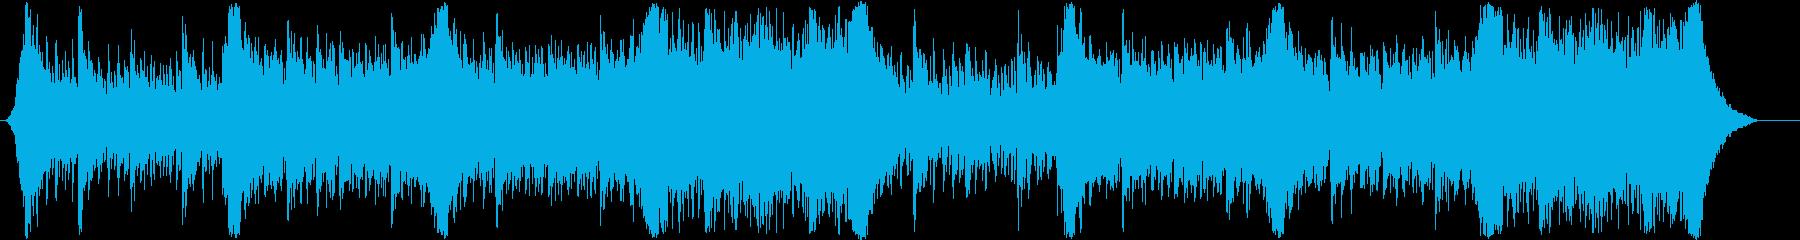 企業VPや映像21、壮大、オーケストラaの再生済みの波形